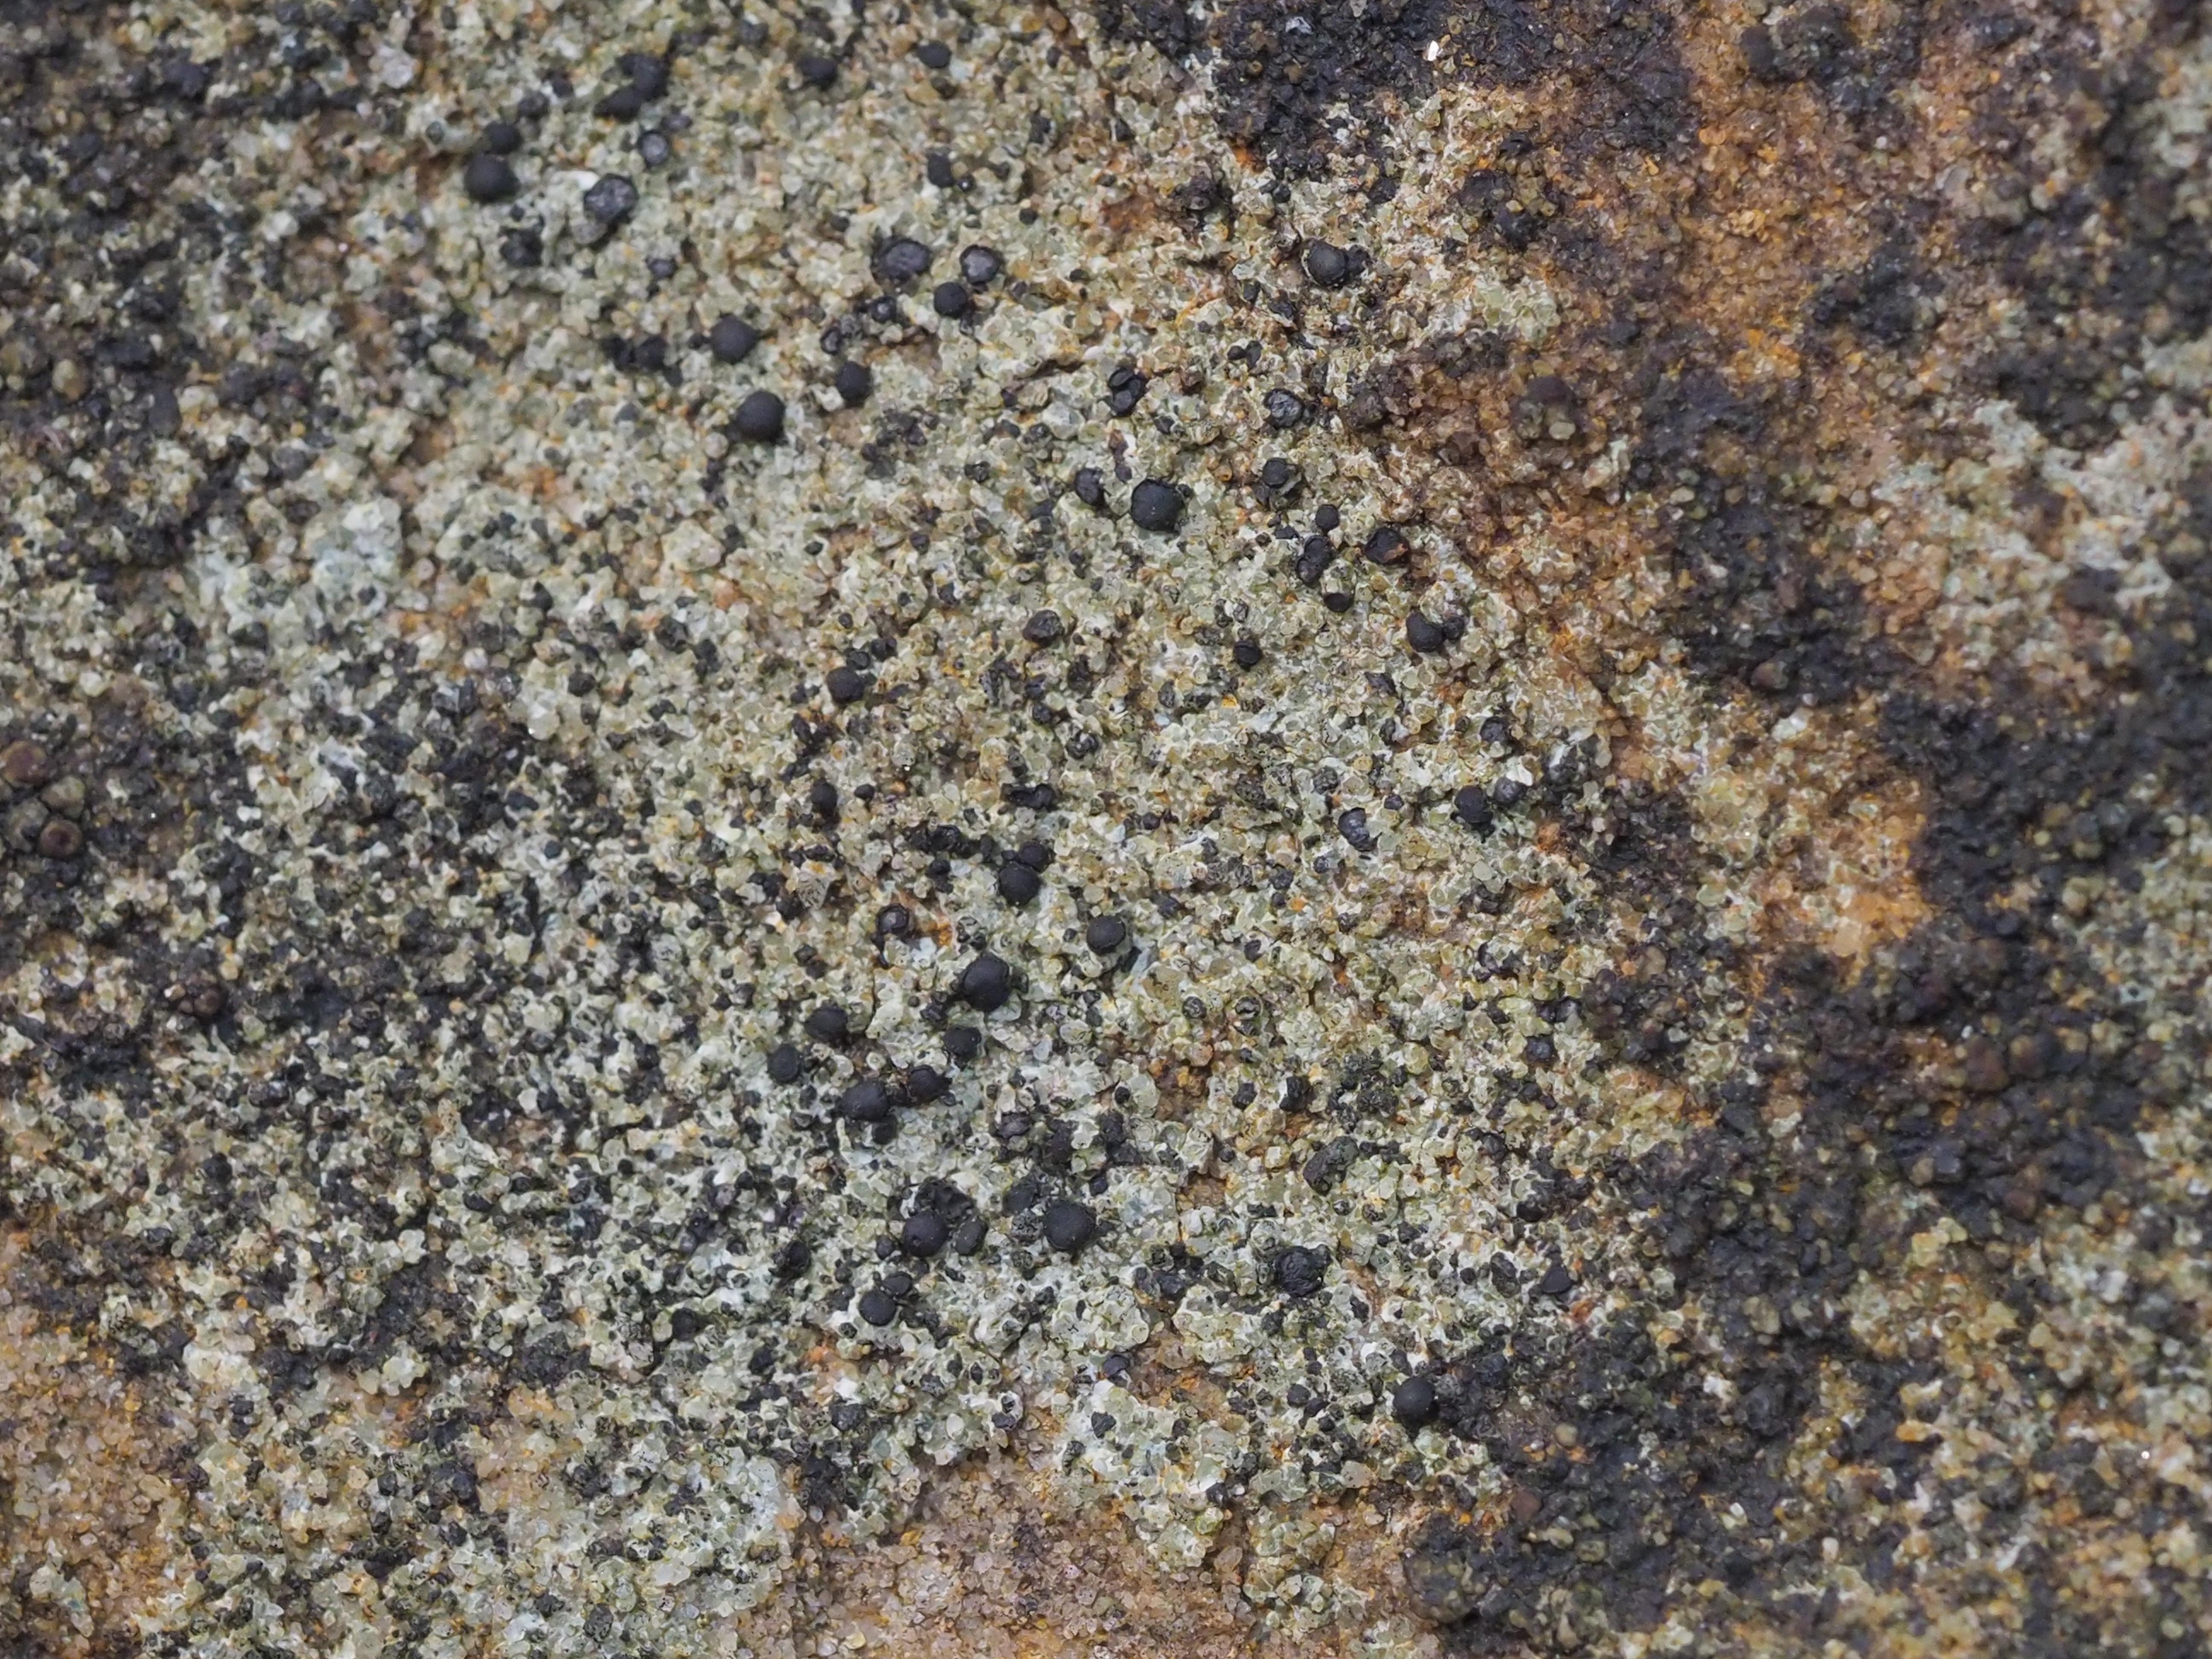 Porpidia subsimplex image